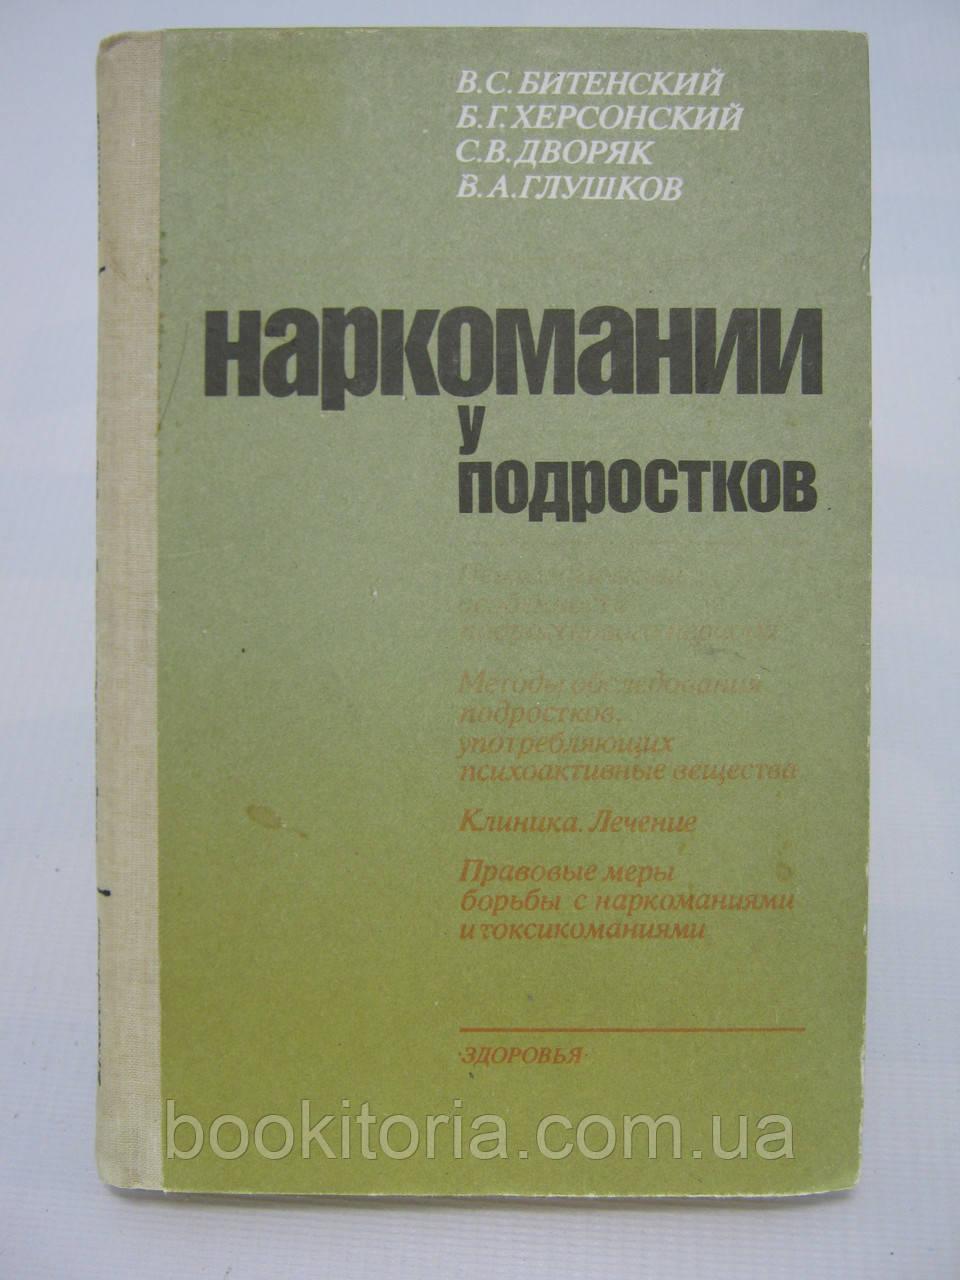 Битенский В.С. и др. Наркомании у подростков (б/у).